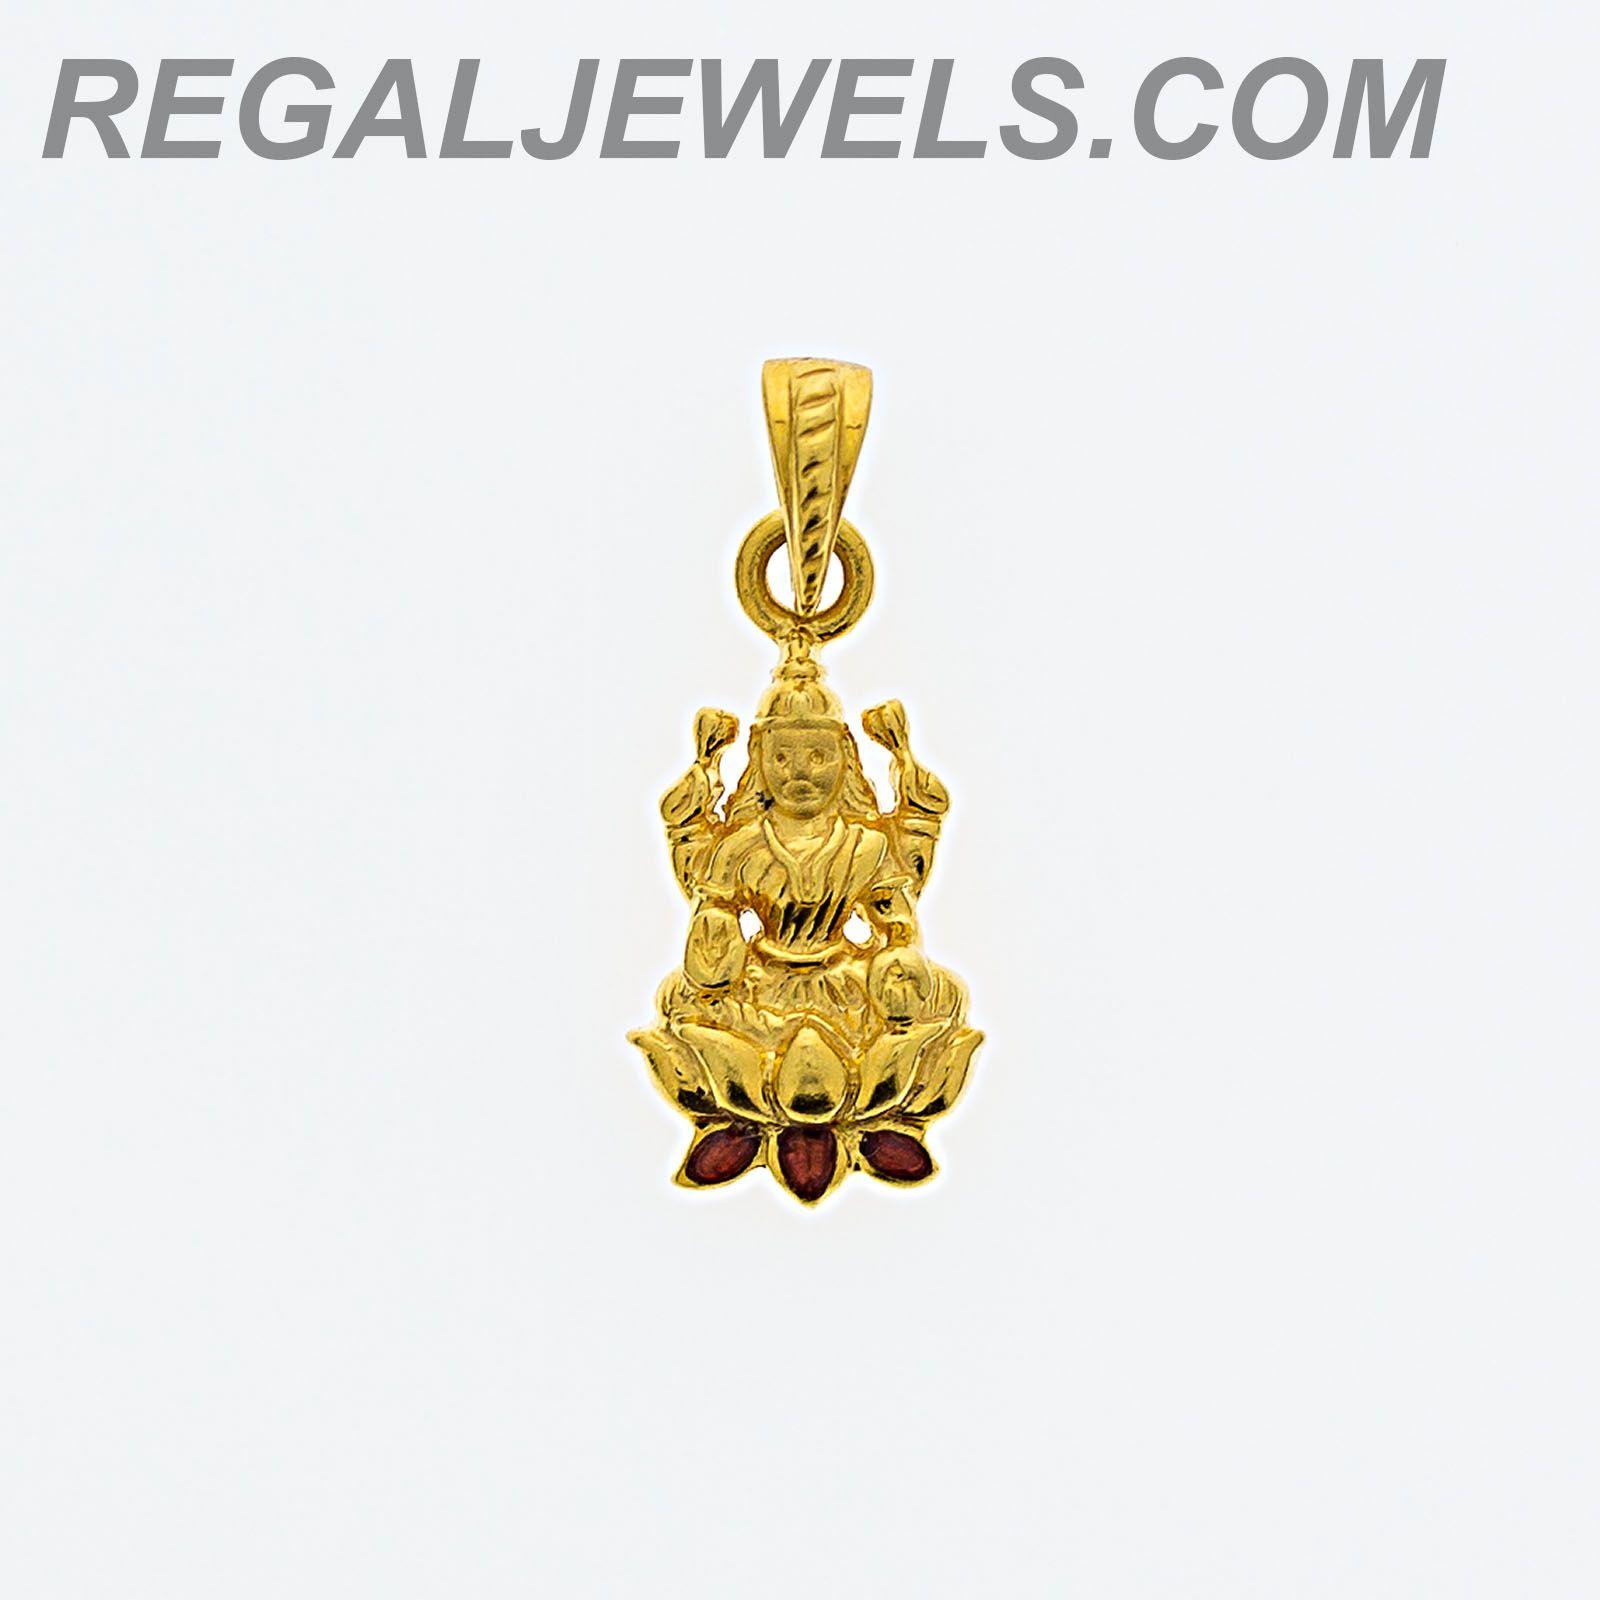 Regal Jewels Online  22Kt Gold Lakshmi Pendant With Hand